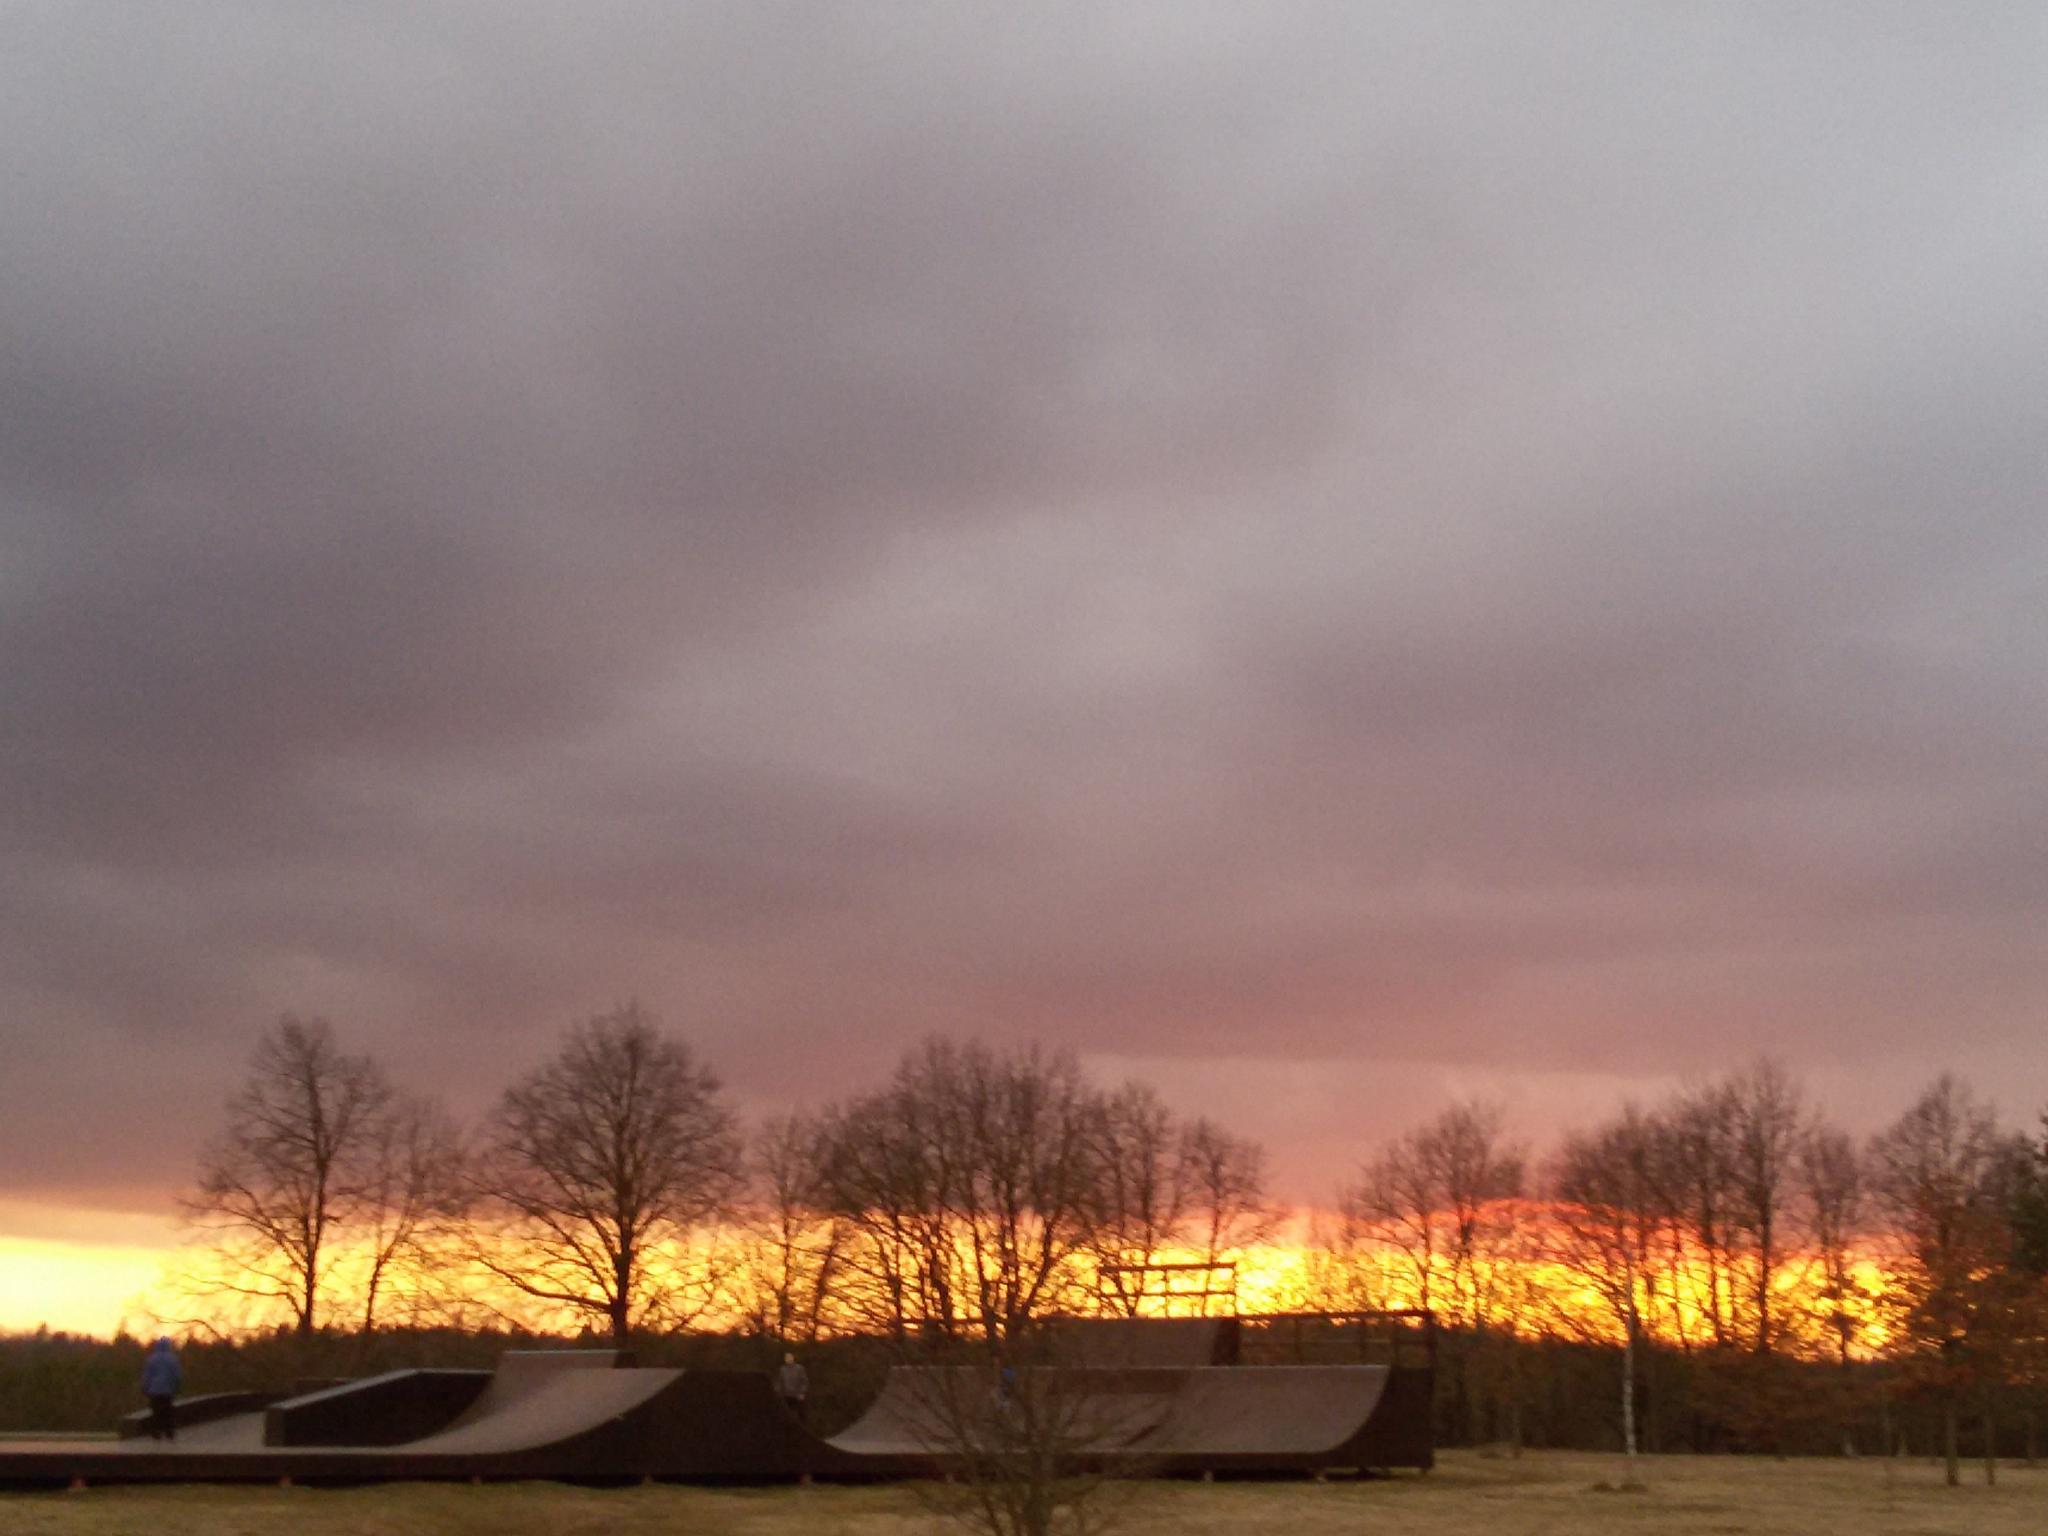 Evening sky by Zita Užkuraitienė